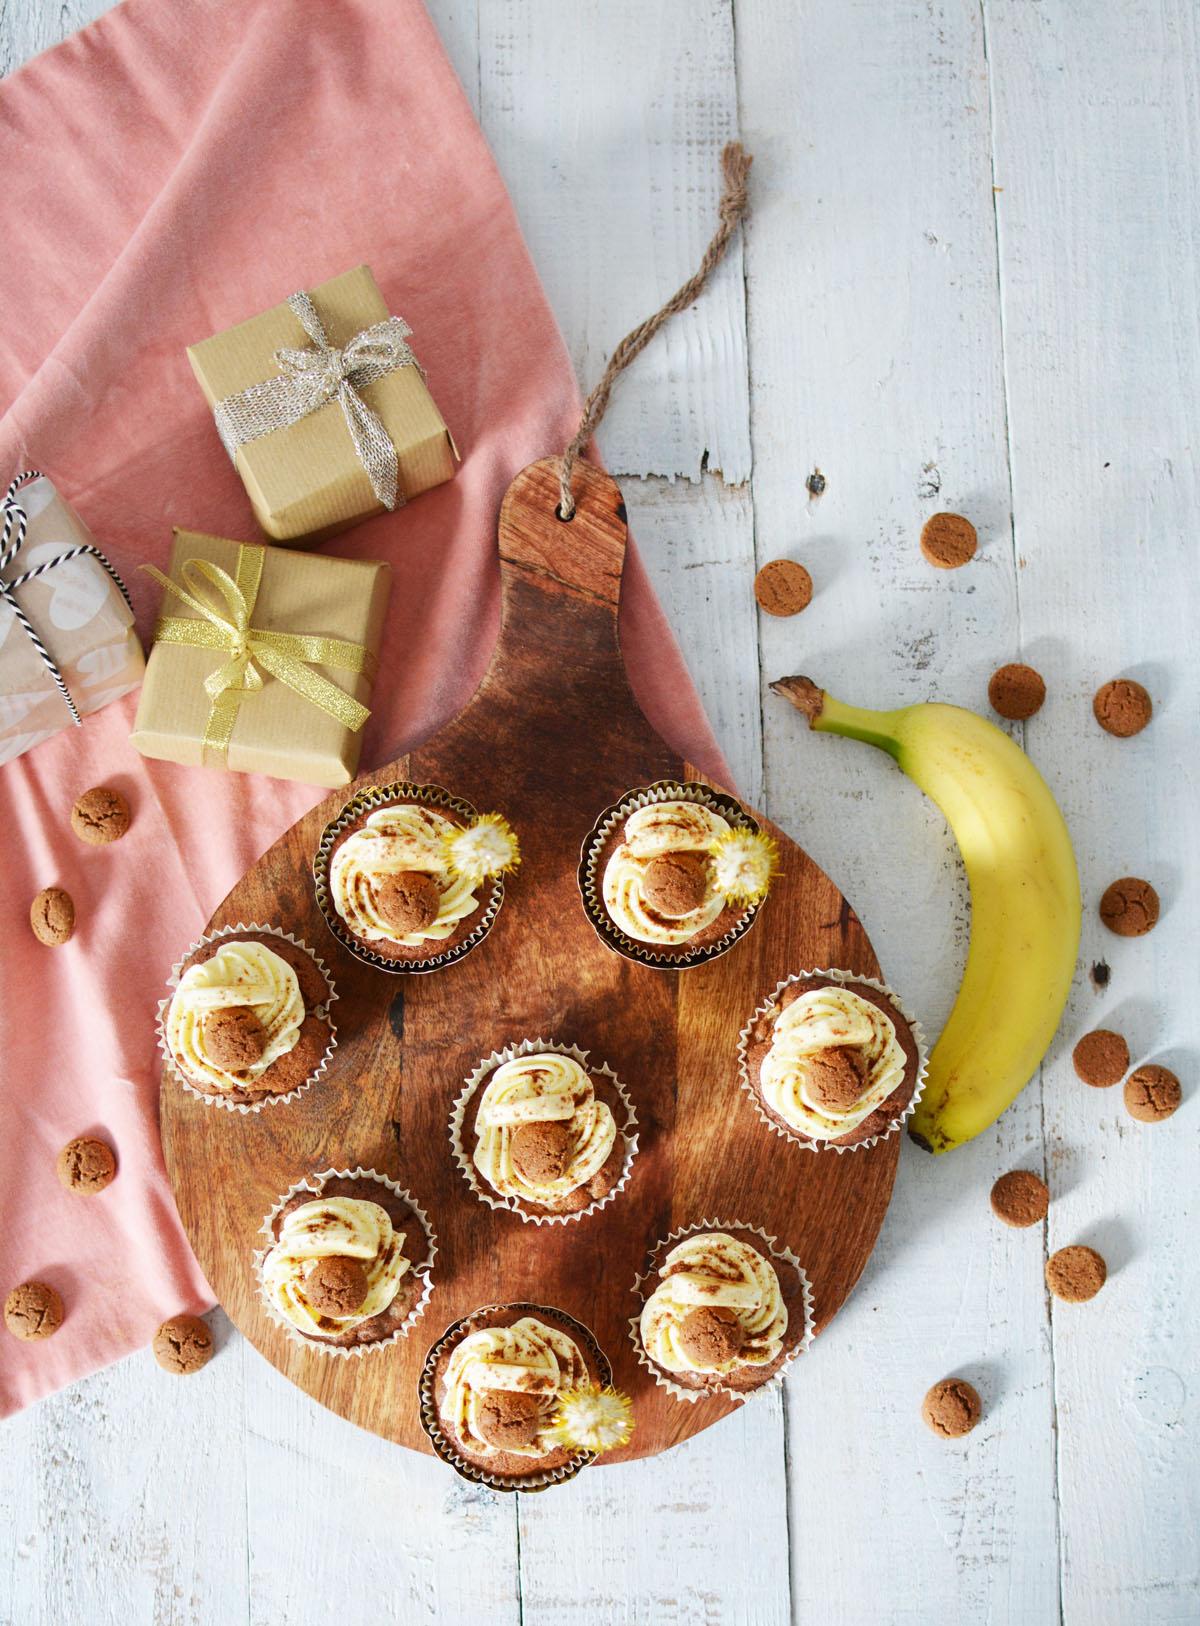 sinterklaas-cupcakes-10